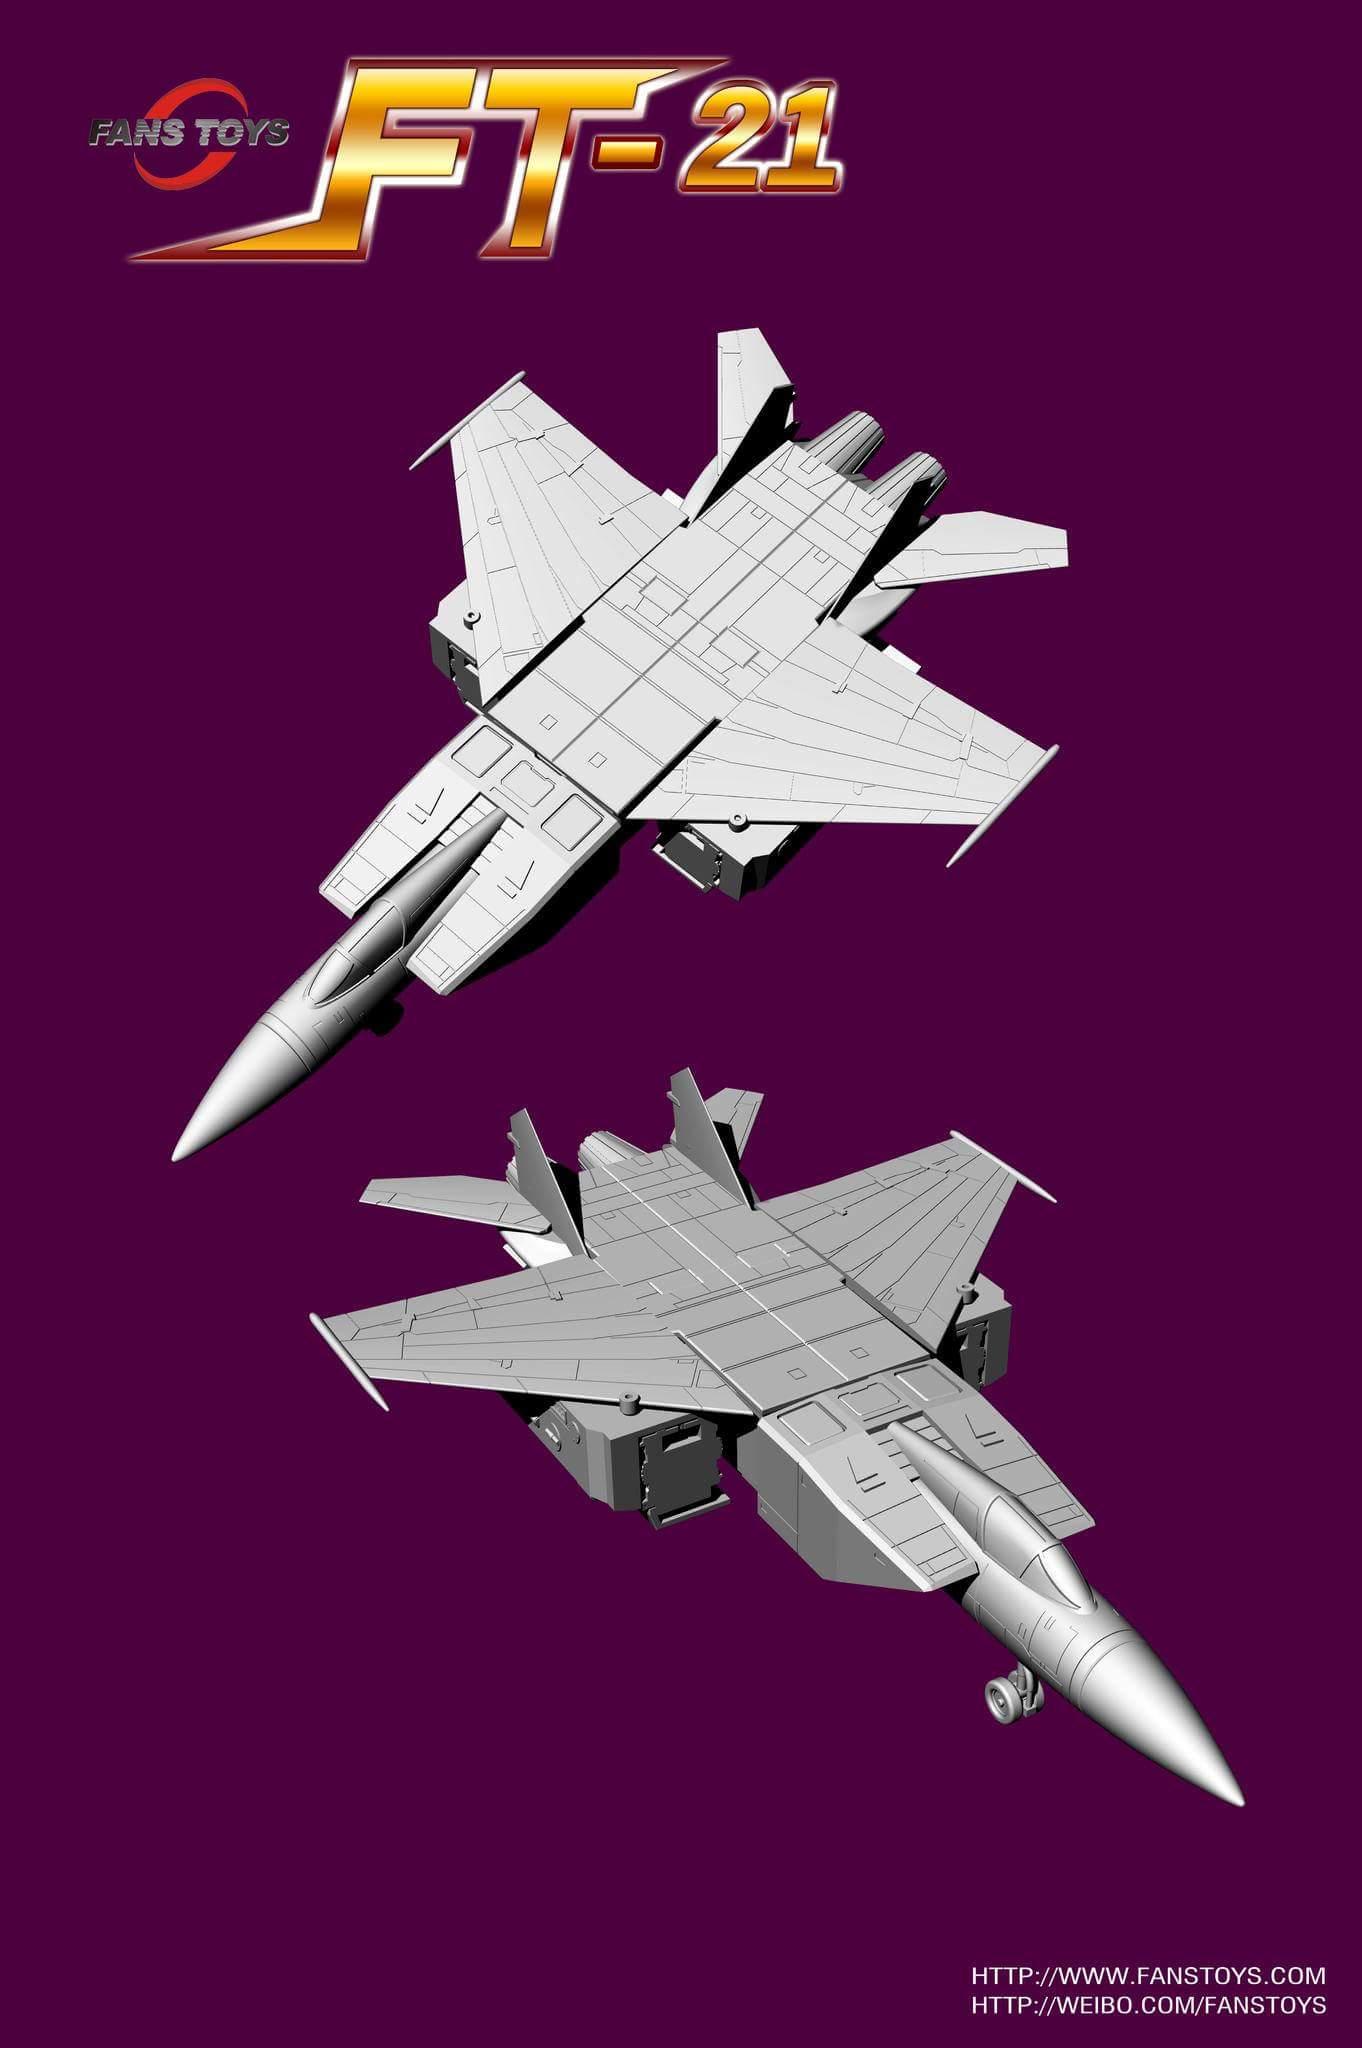 [Fanstoys] Produit Tiers - Jouet FT-21 Berserk - aka Blitzwing/Le Blitz O3oobsBu